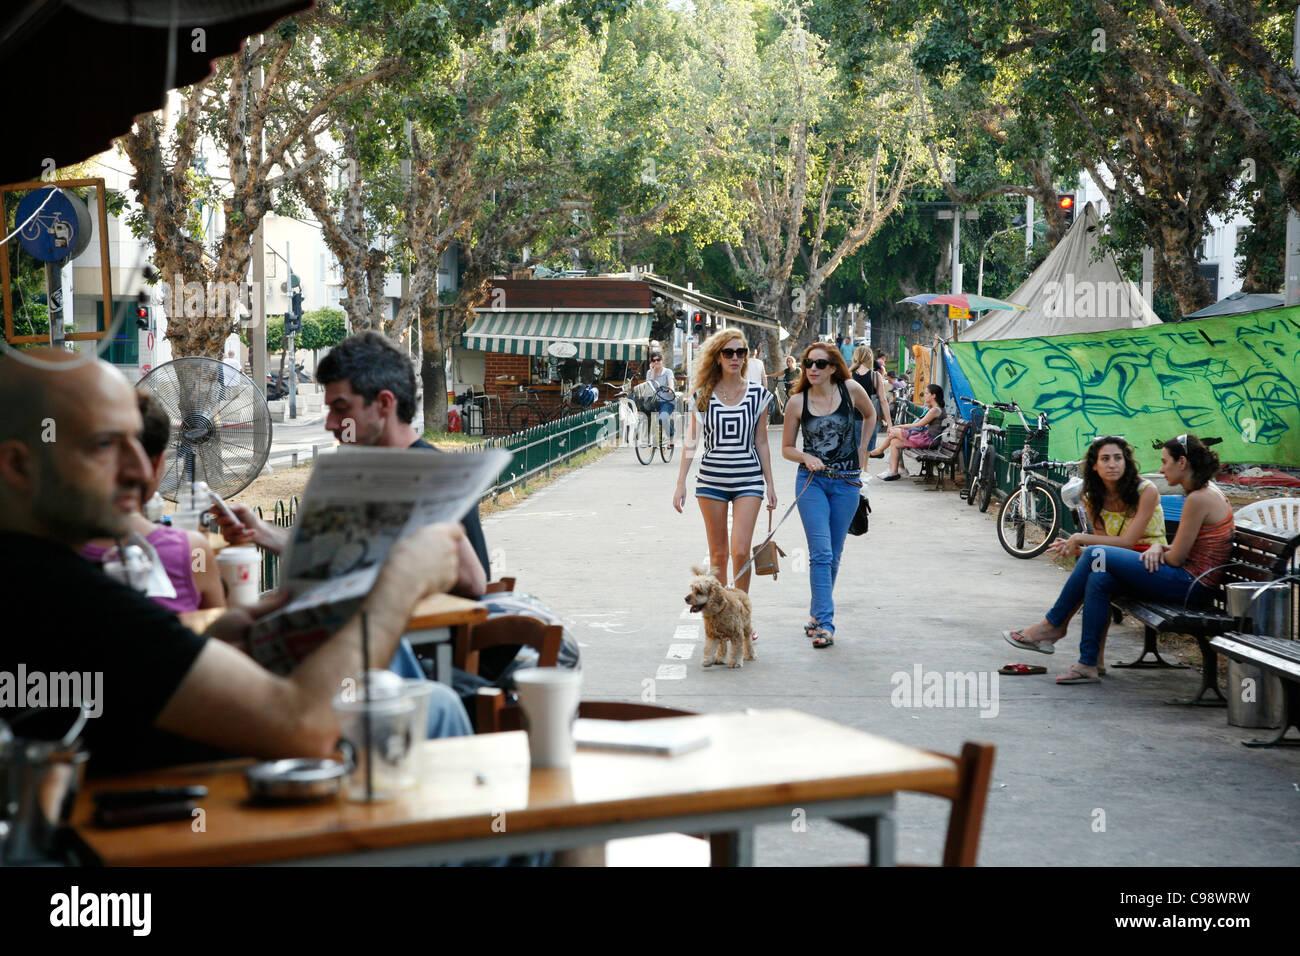 street scene at Rothschild boulevard, Tel Aviv, Israel. - Stock Image